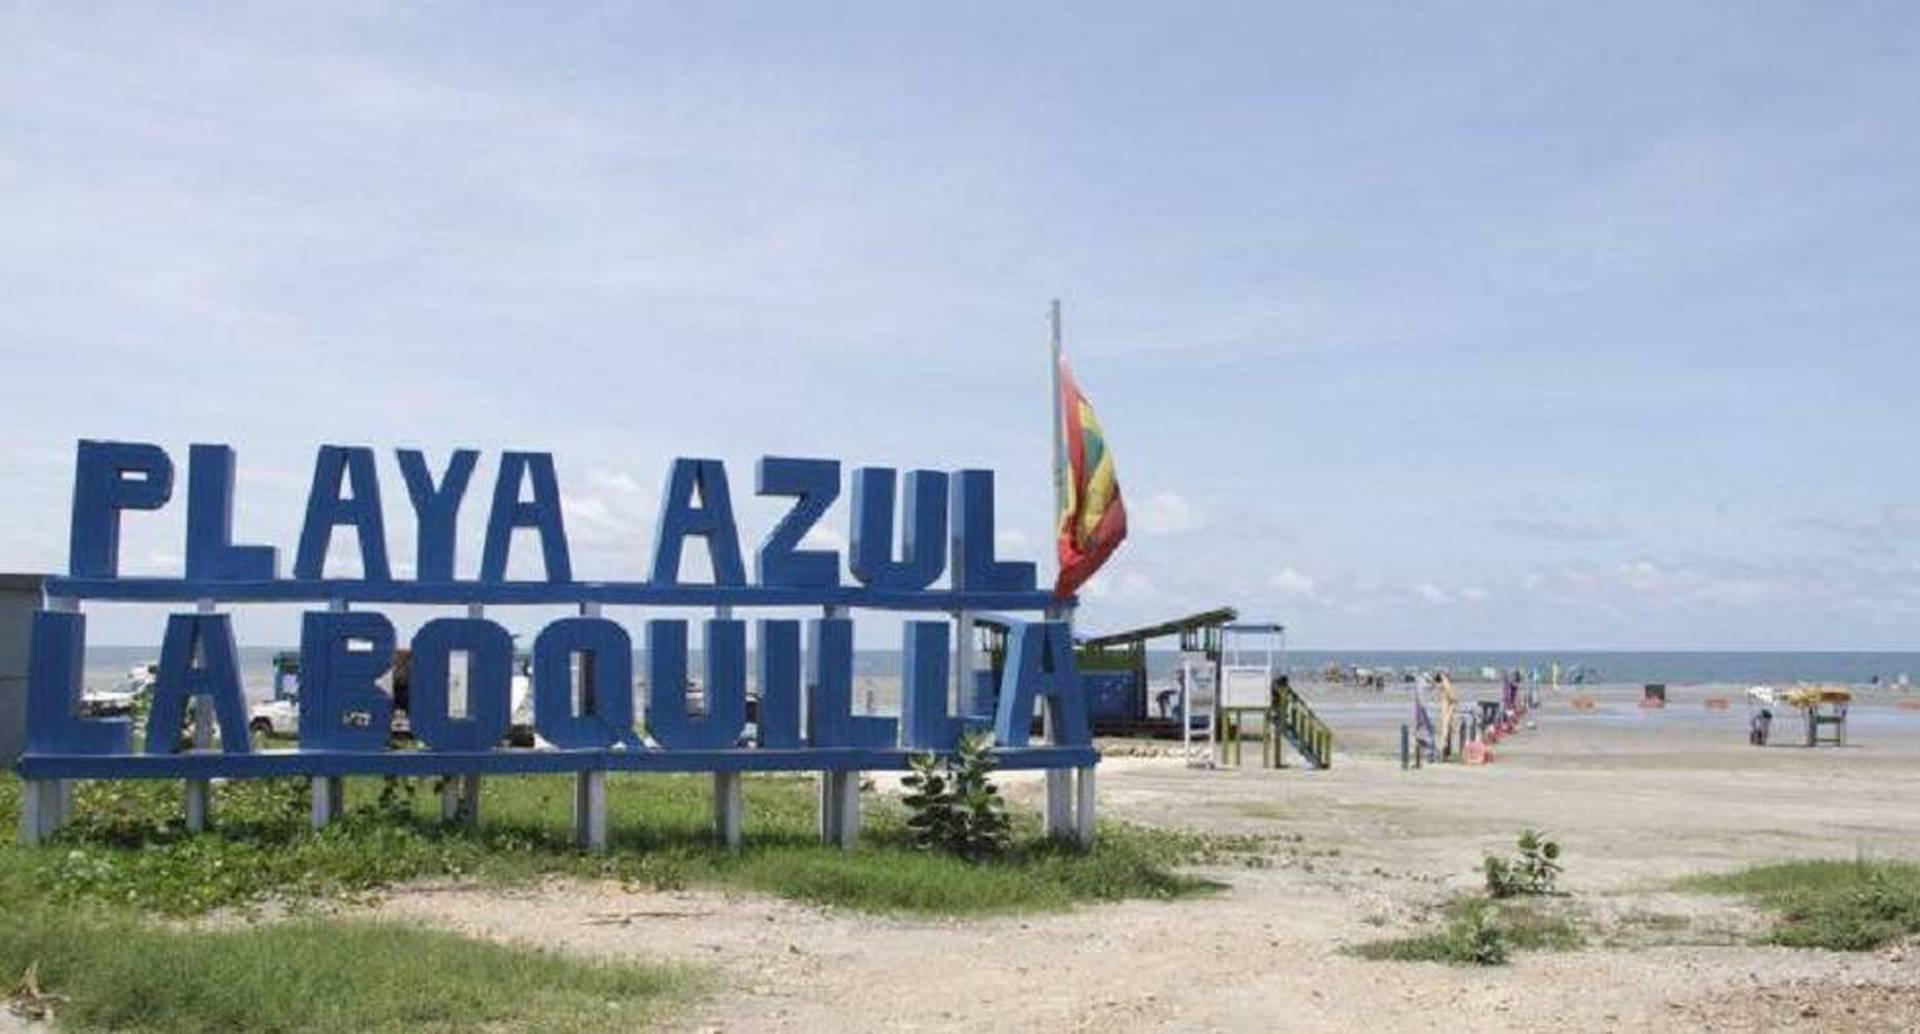 Playa Azul en La Boquilla es uno de los sectores de playas que entrarán a funcionar desde el 1 de octubre en Cartagena.